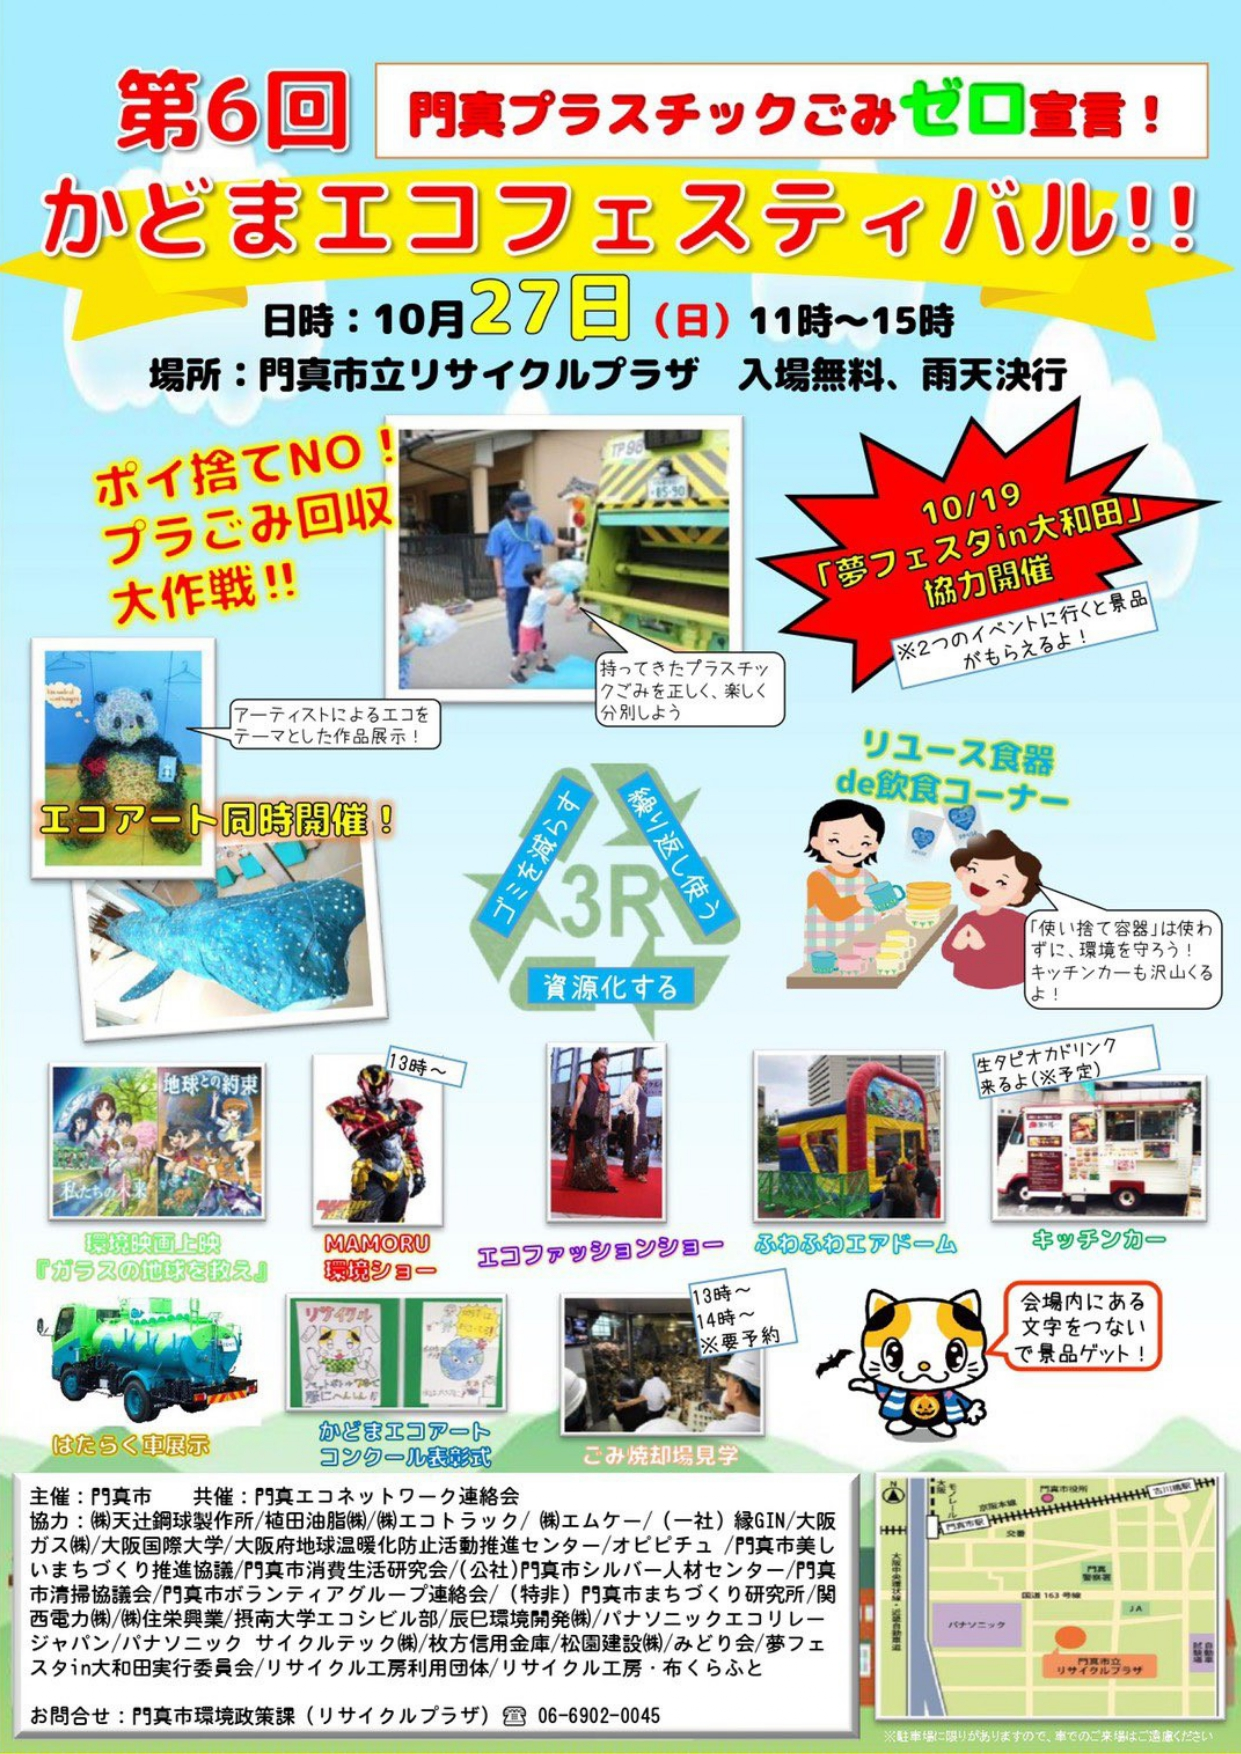 2019年10月27日(日) 「かどまエコフェスティバル!!」 門真市立リサイクルプラザ